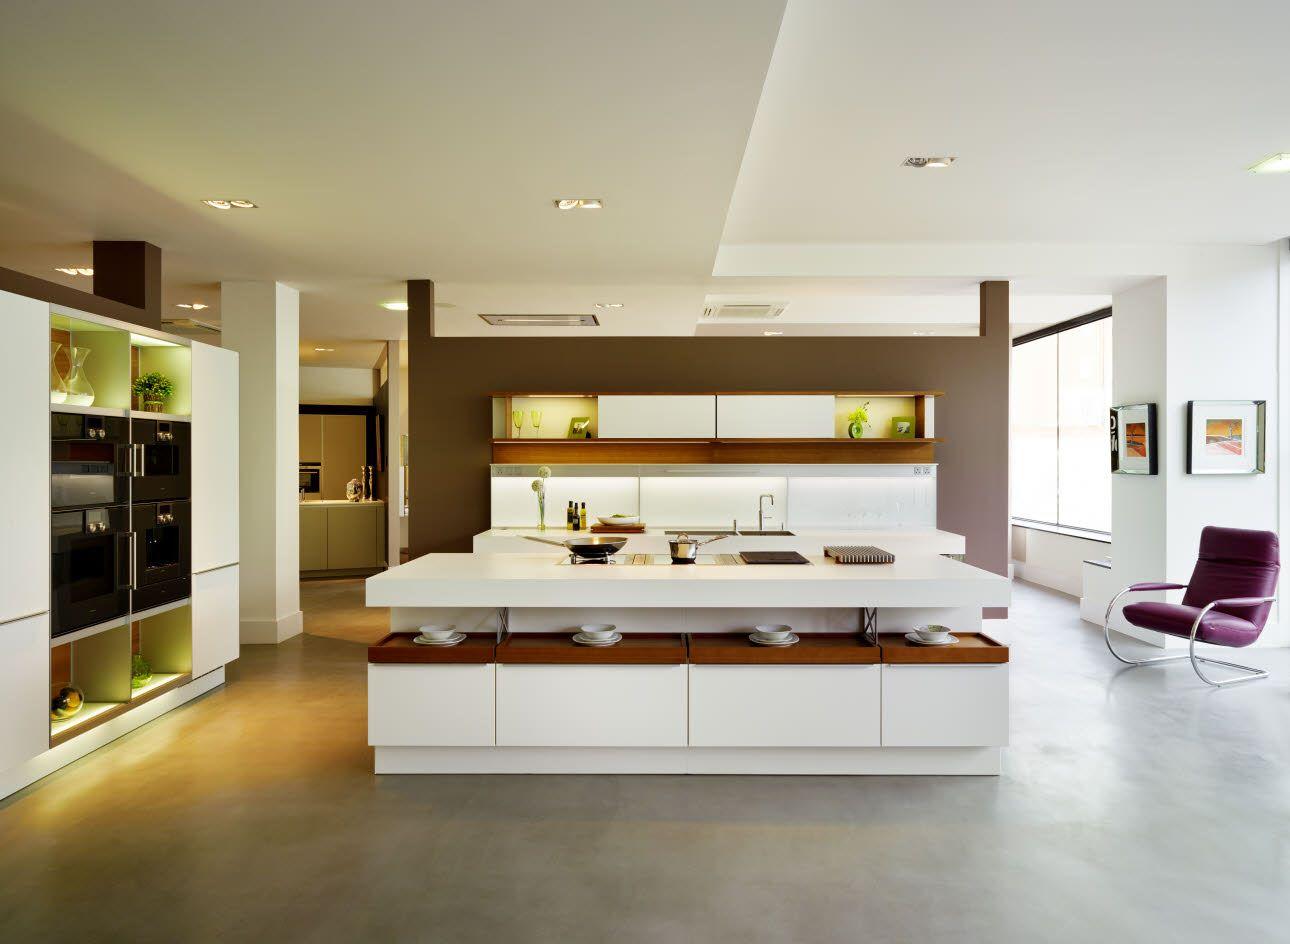 Poggenpohl Kitchen Studio St. Albans  Isla cocina moderna